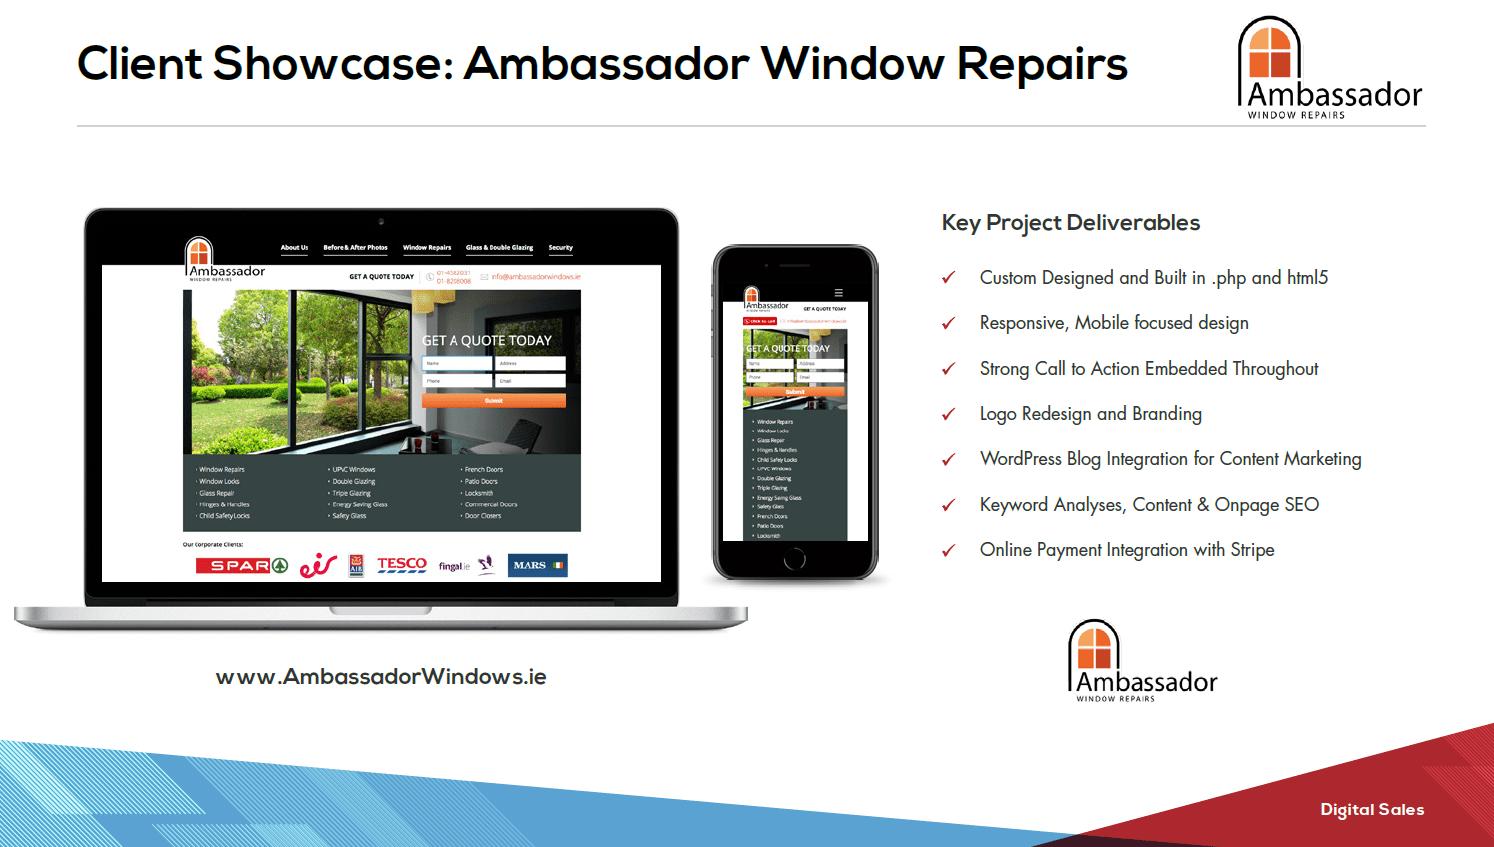 www.AmbassadorWindows.ie